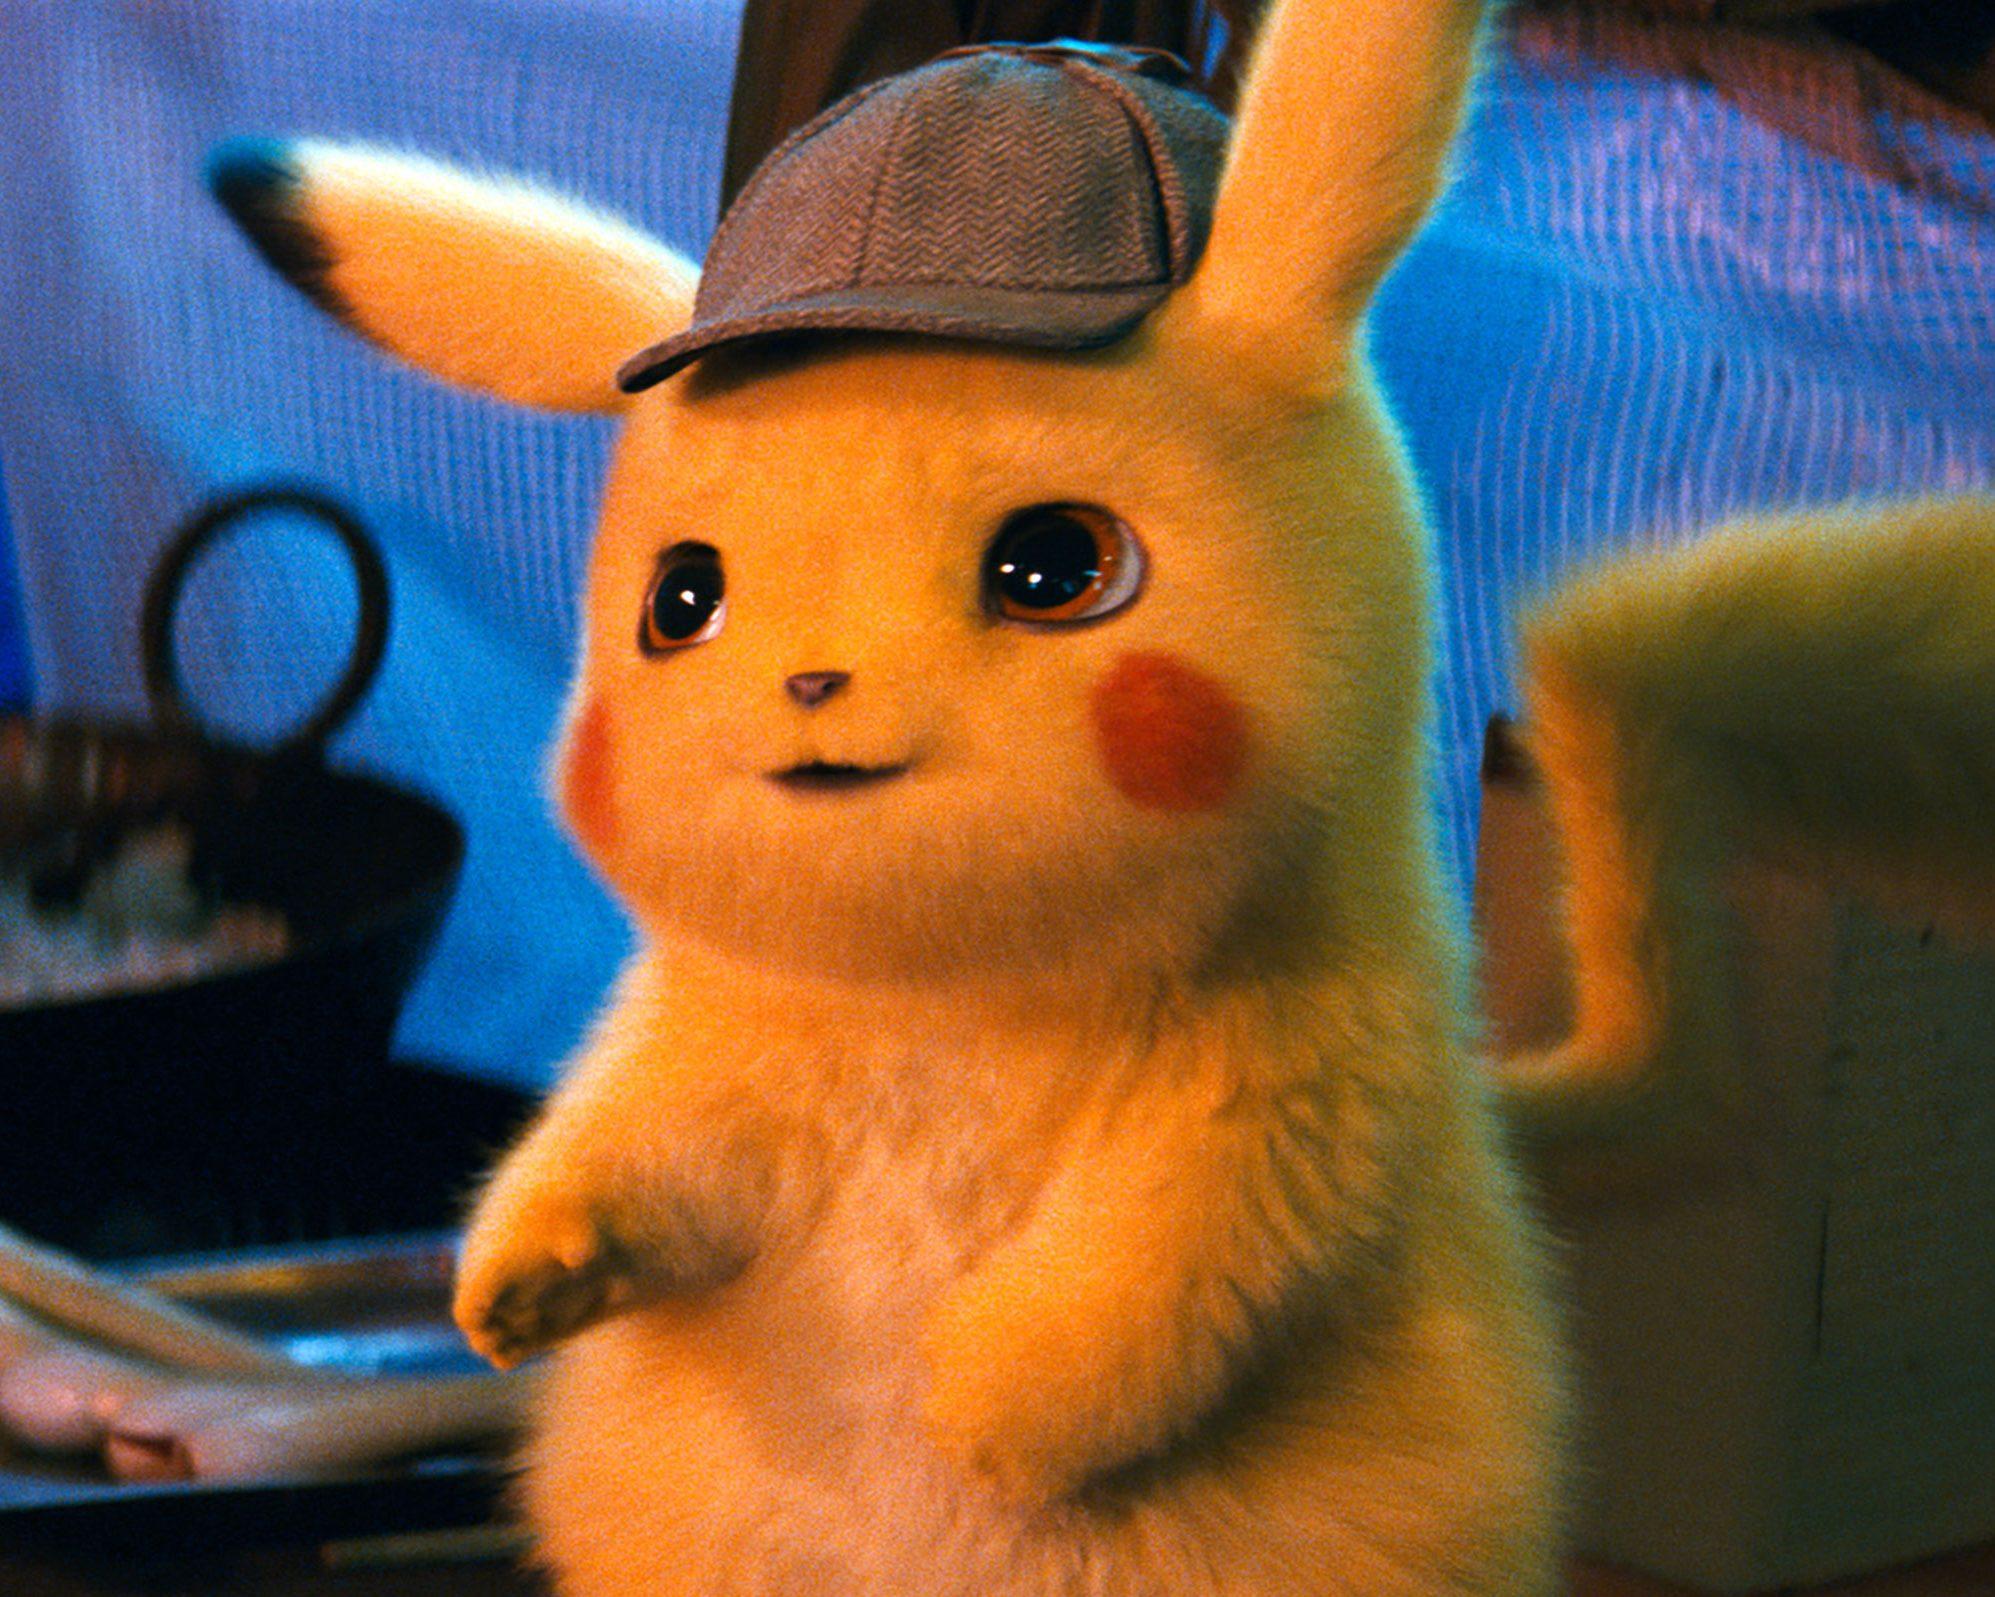 Finnkino Detective Pikachu